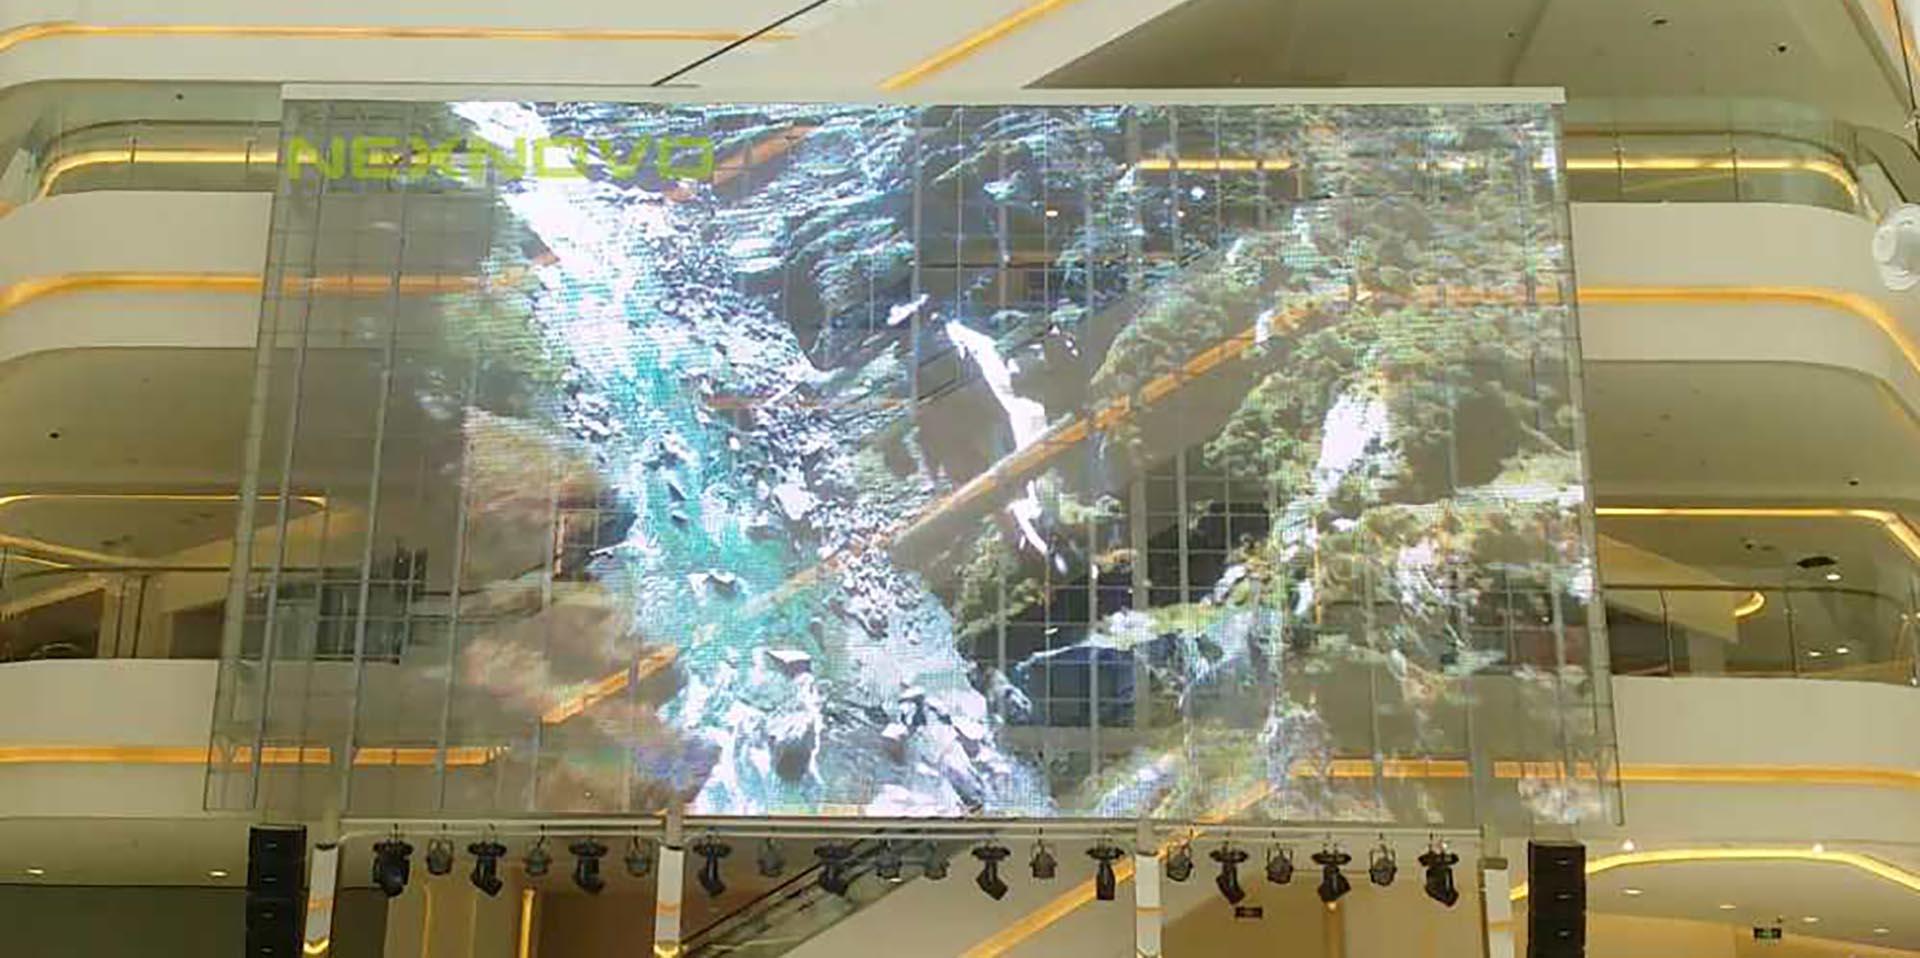 Serie XRW LED Transparente NEXNOVO Mall